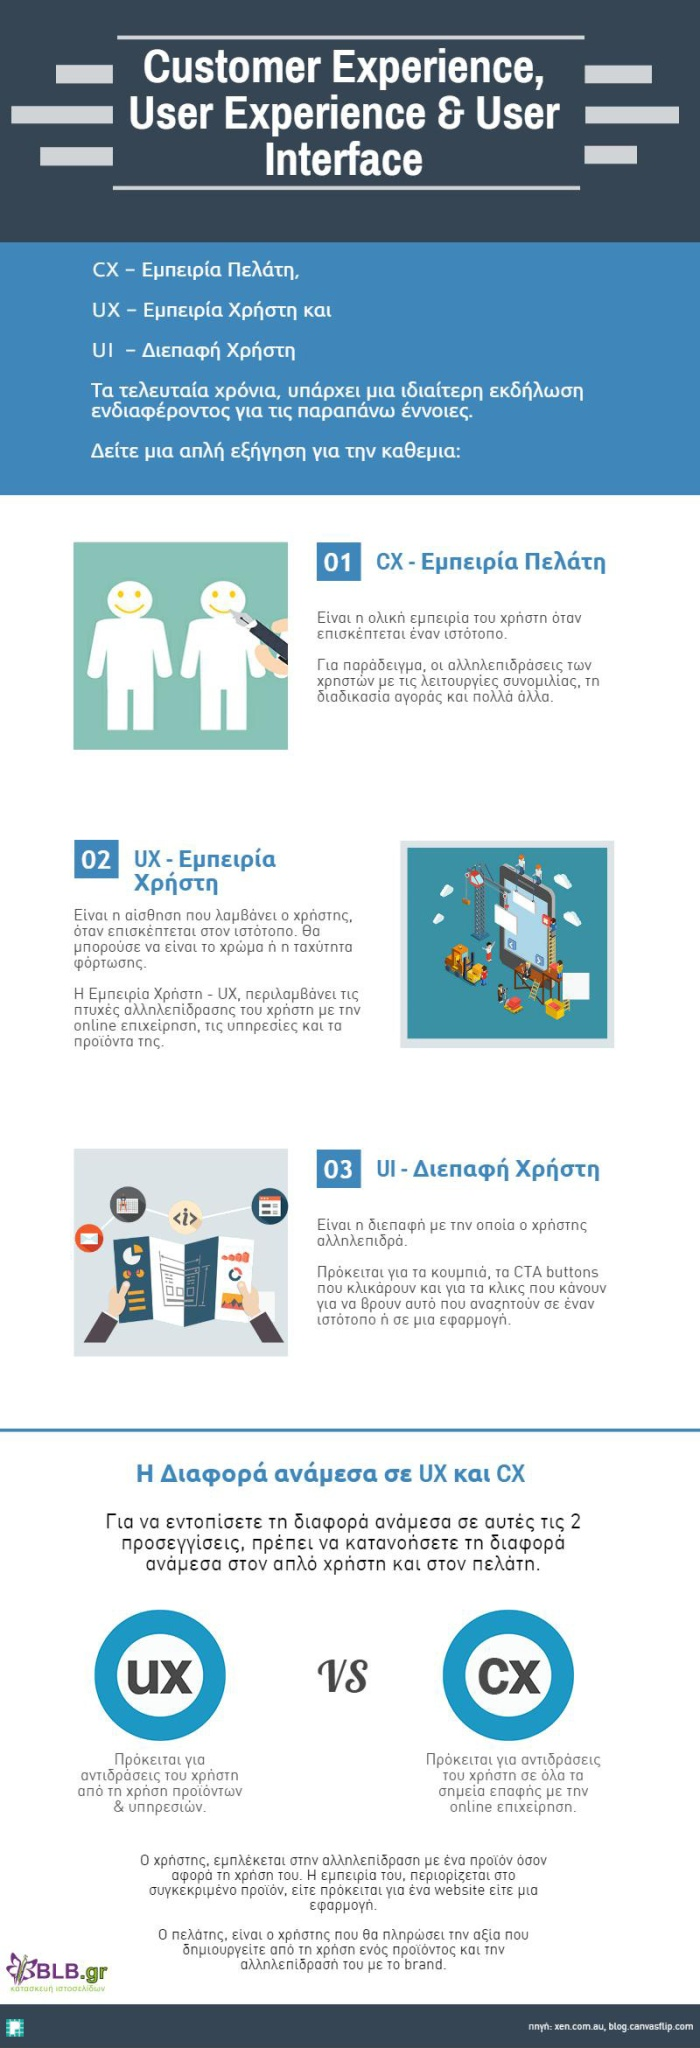 UX-CX-UI-infograph-blbgr